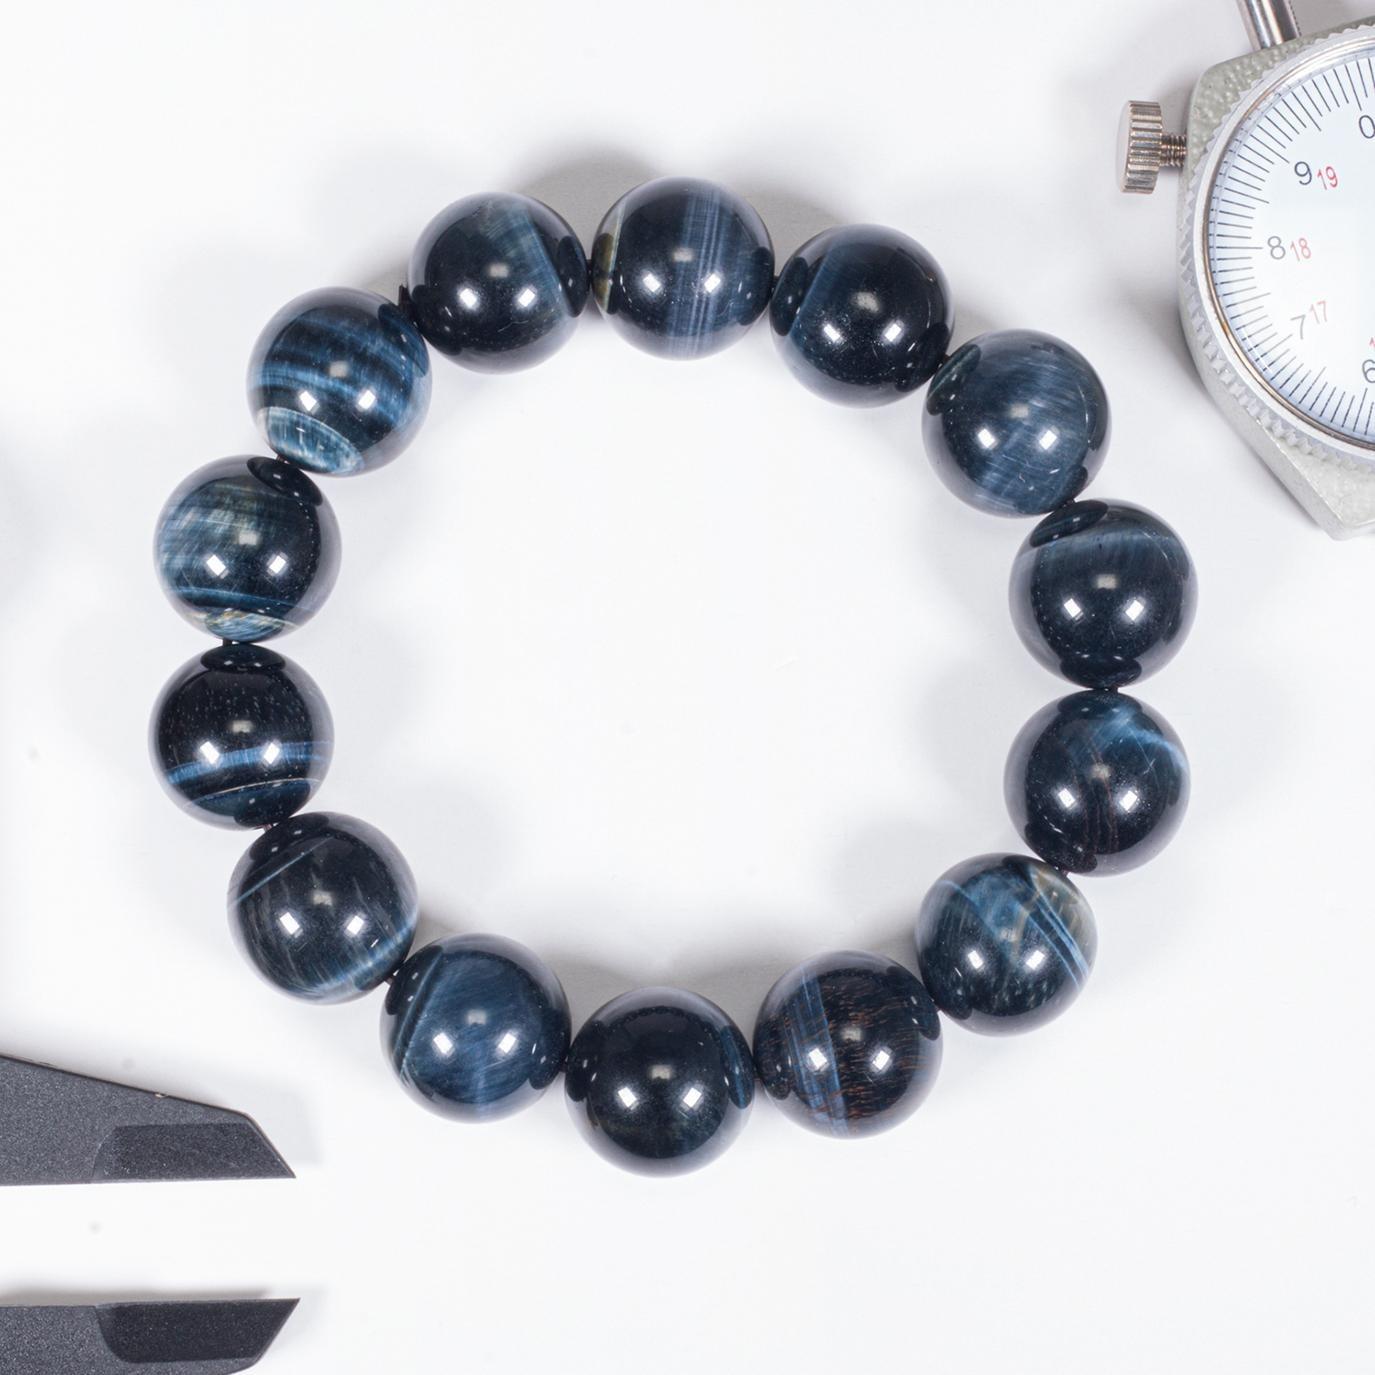 Vòng tay nam đá mắt ưng đường kính 14 mm mỗi viên Ngọc Quý Gemstones có giá giảm 39% còn 1,139 triệu đồng (giá gốc 1,86 triệu đồng). Đá mắt ưng là chủng loại đặc biệt của đá mắt hổ, có màu xanh đen xen lẫn xám và xanh đậm.